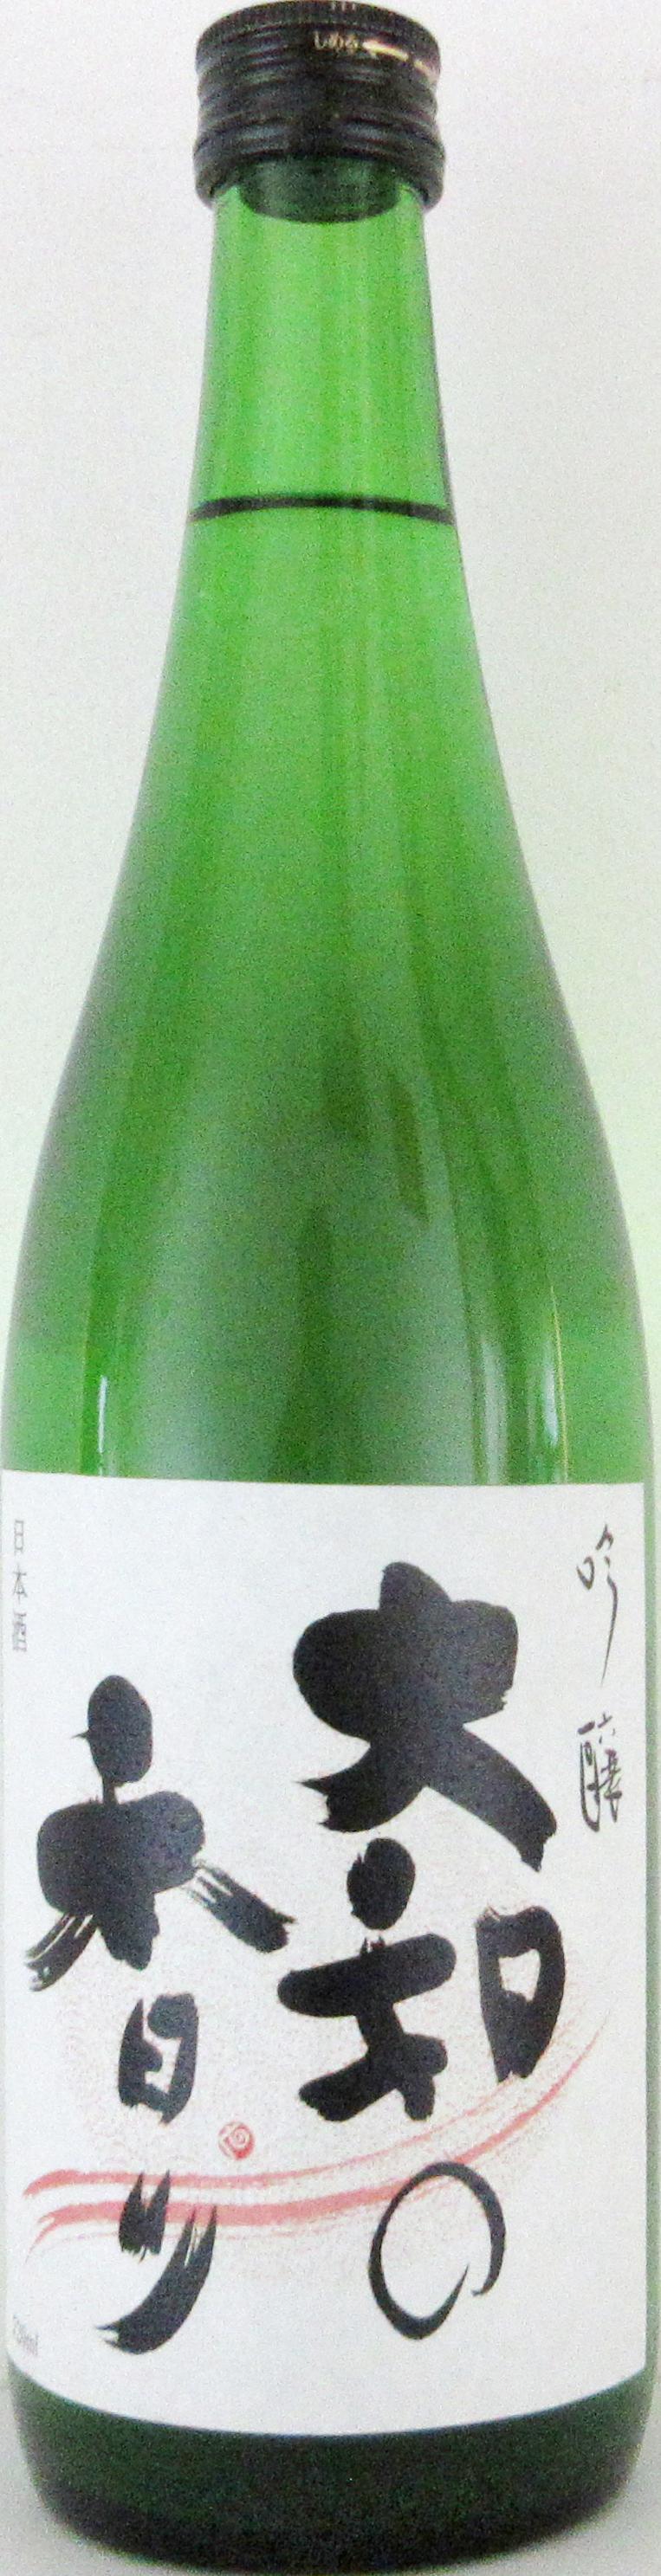 喜多酒造株式会社 吟醸酒 御代菊 御代菊 吟醸酒 大和の香り